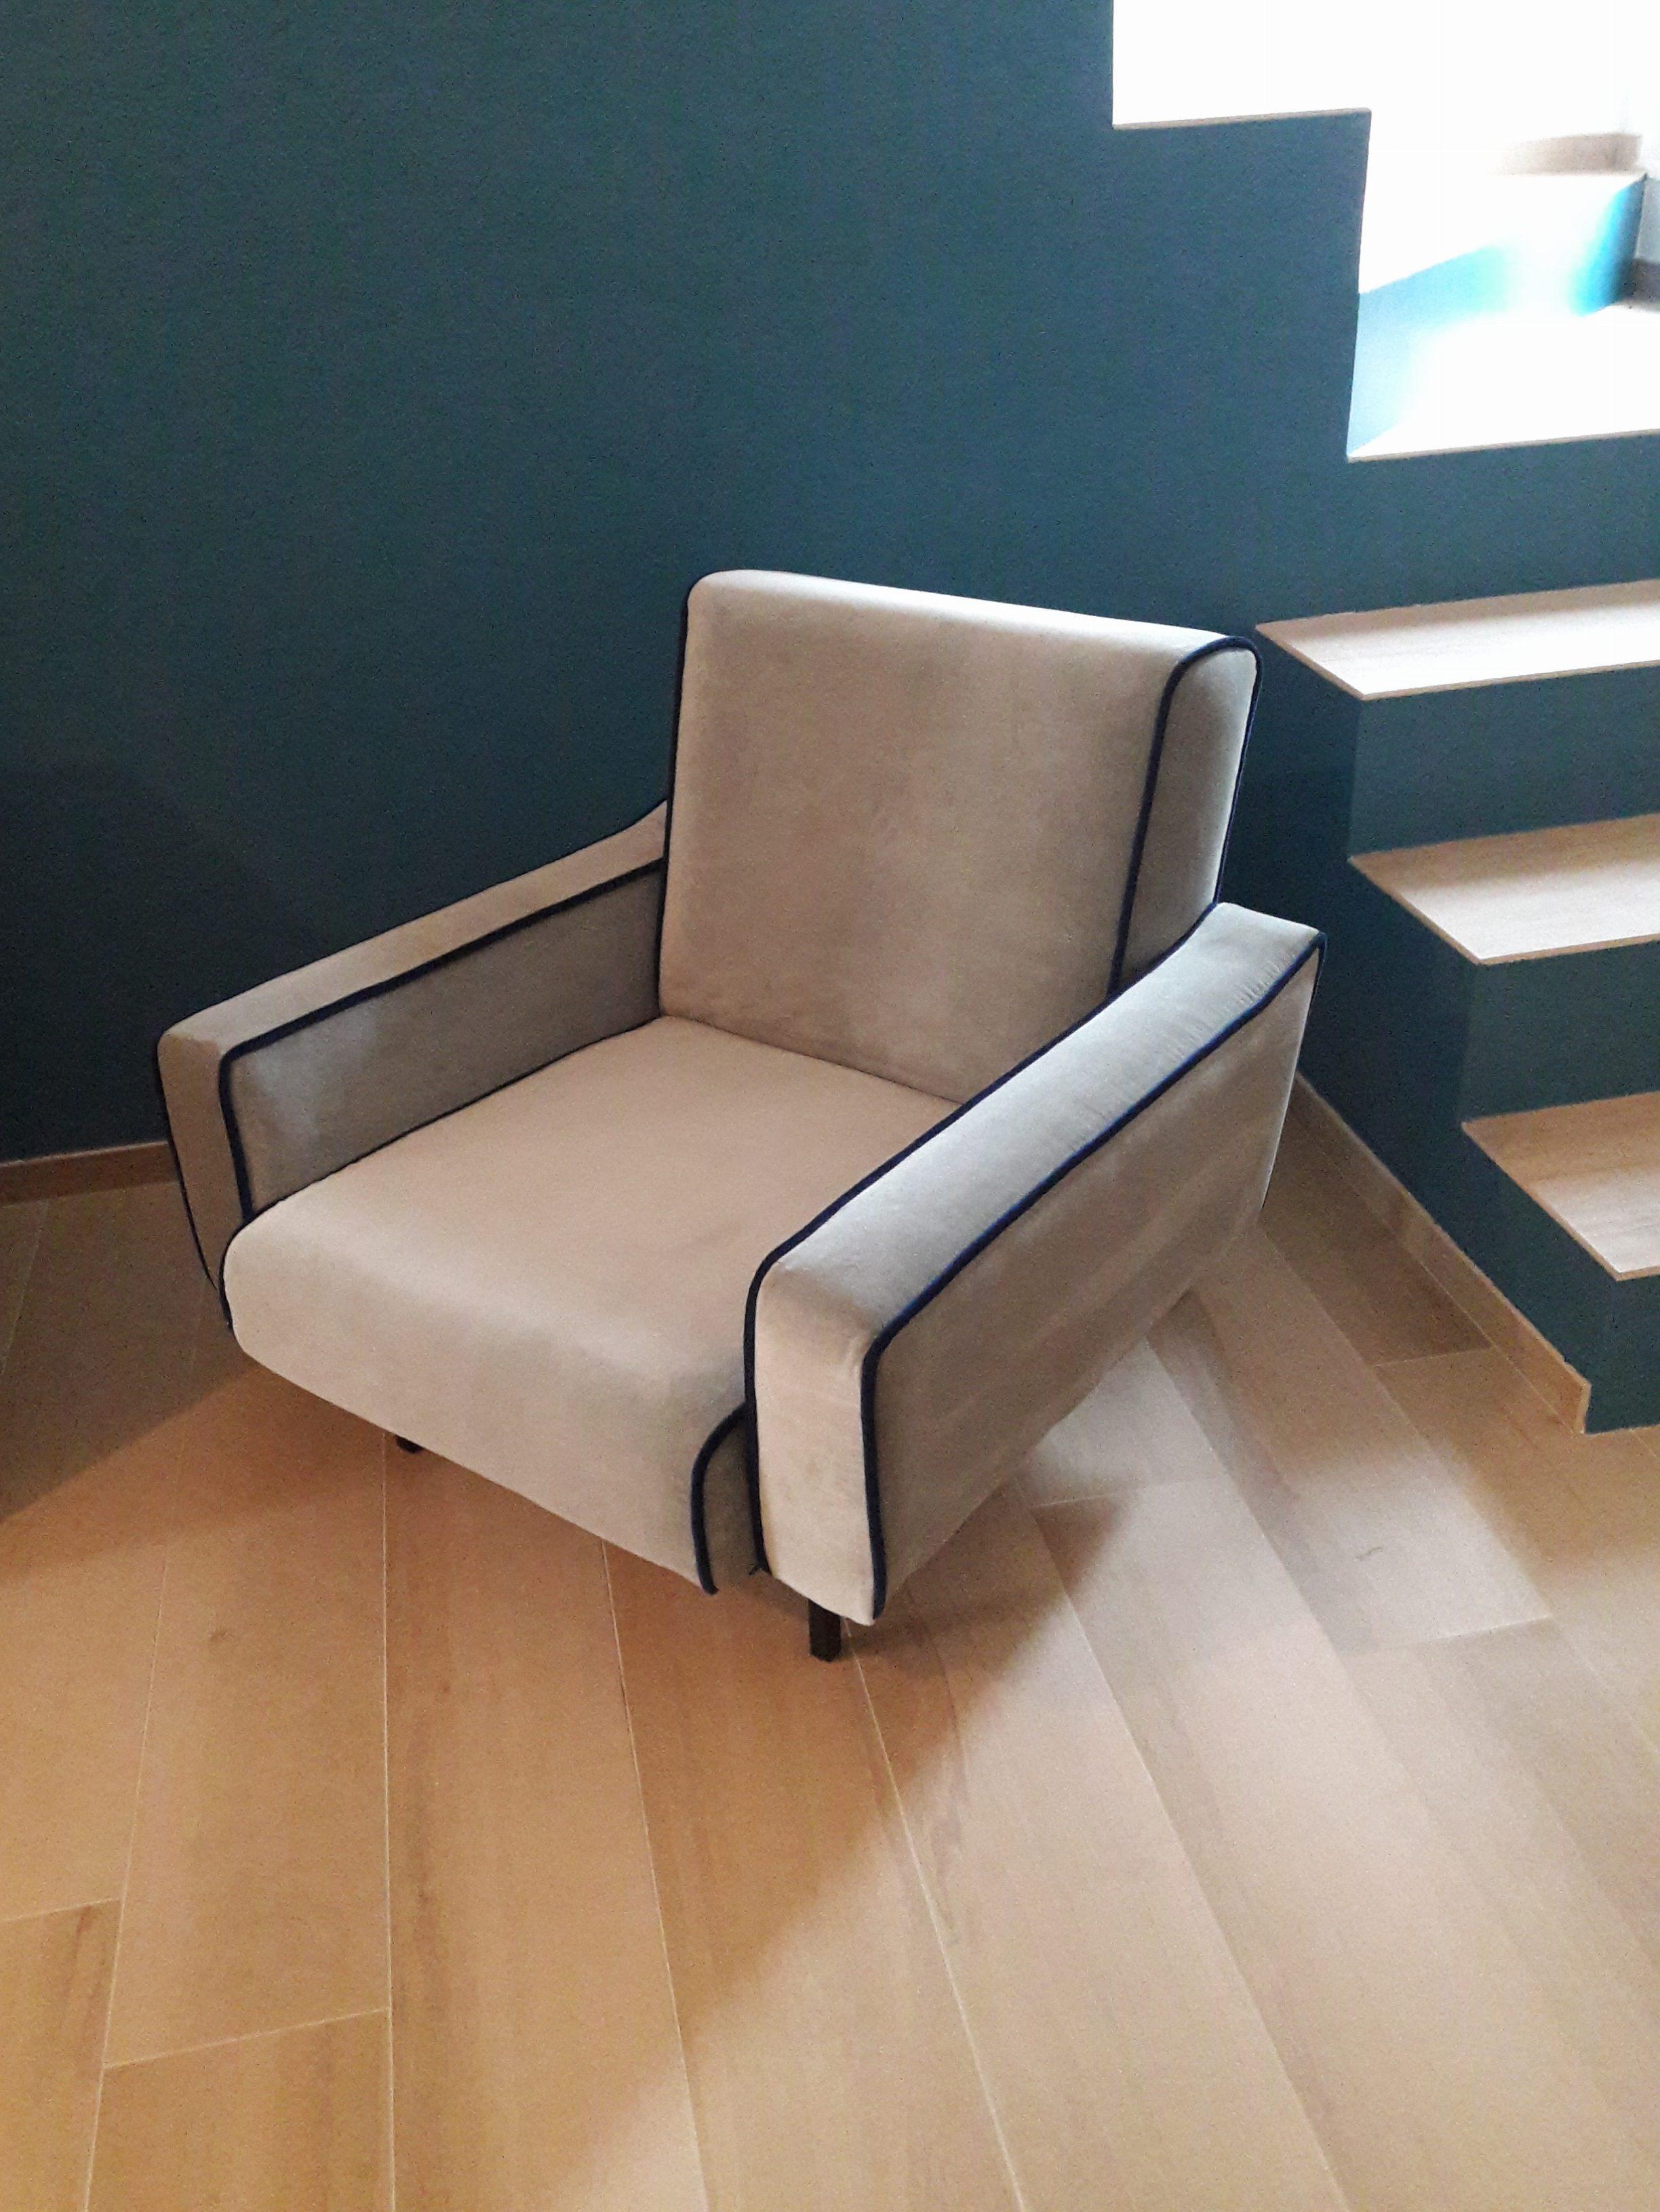 a07-italian-vintage-armchair-radice-style-poltrona